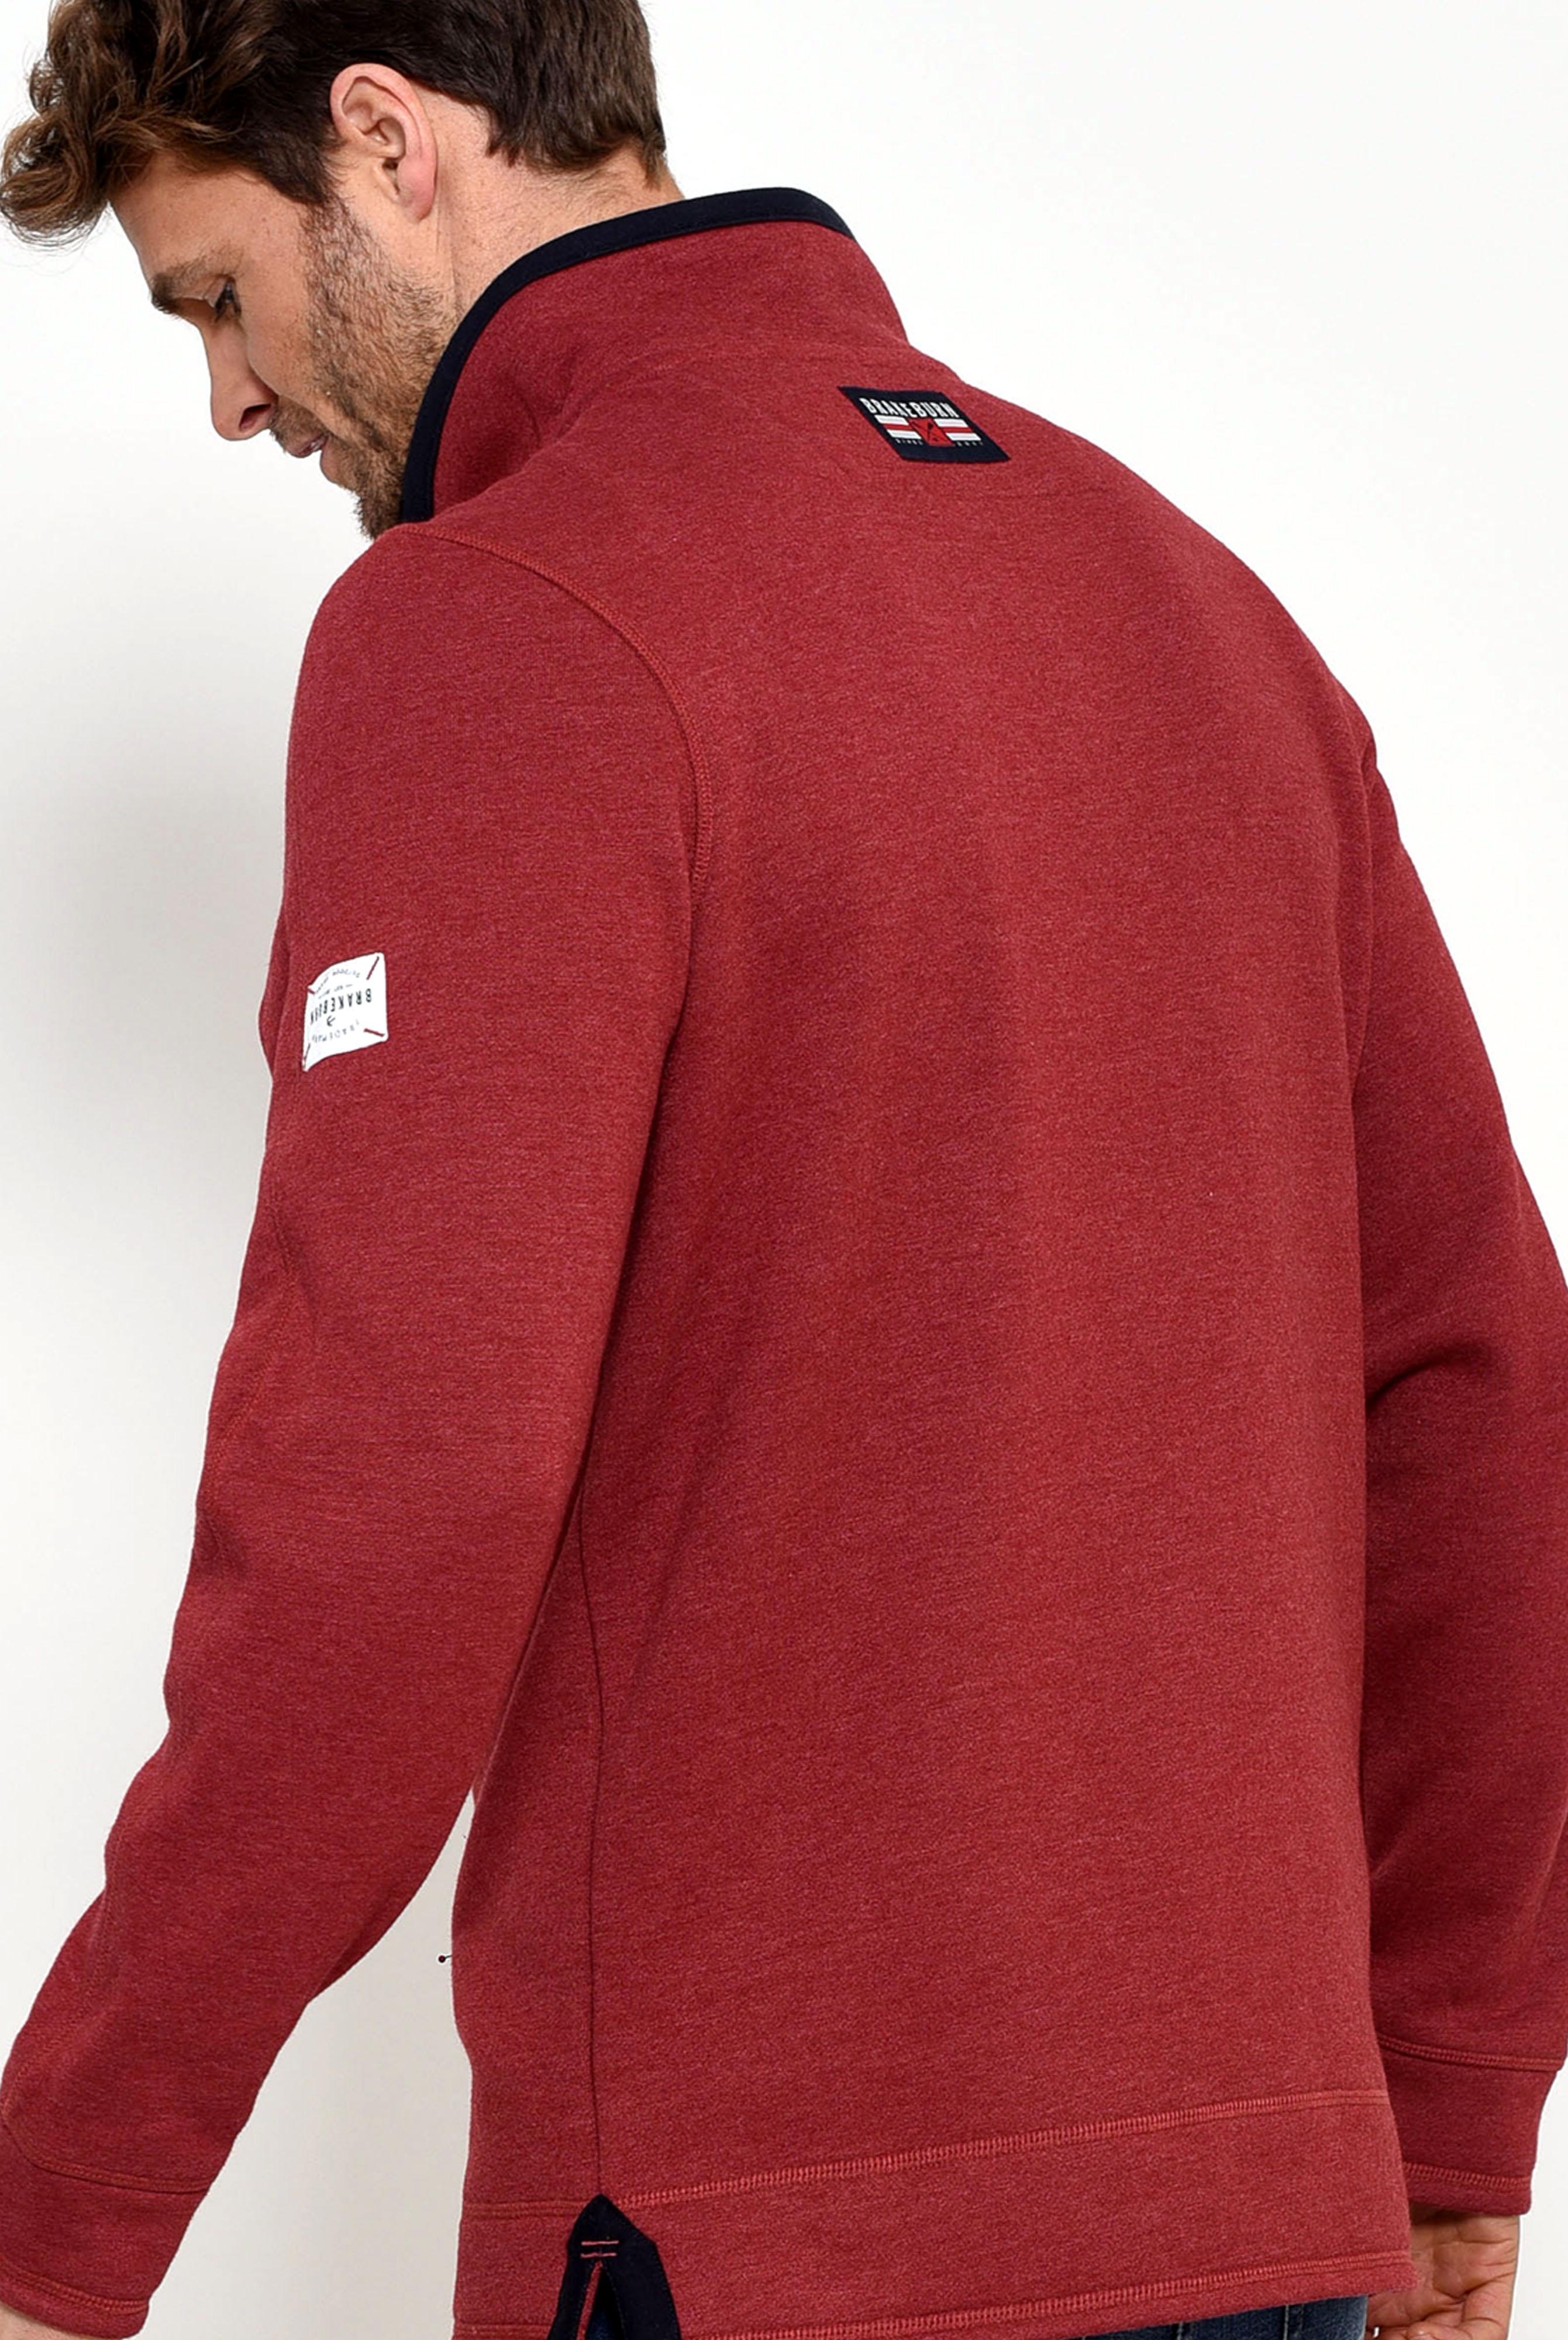 Brakeburn 1/4 Zip Sweat - Red